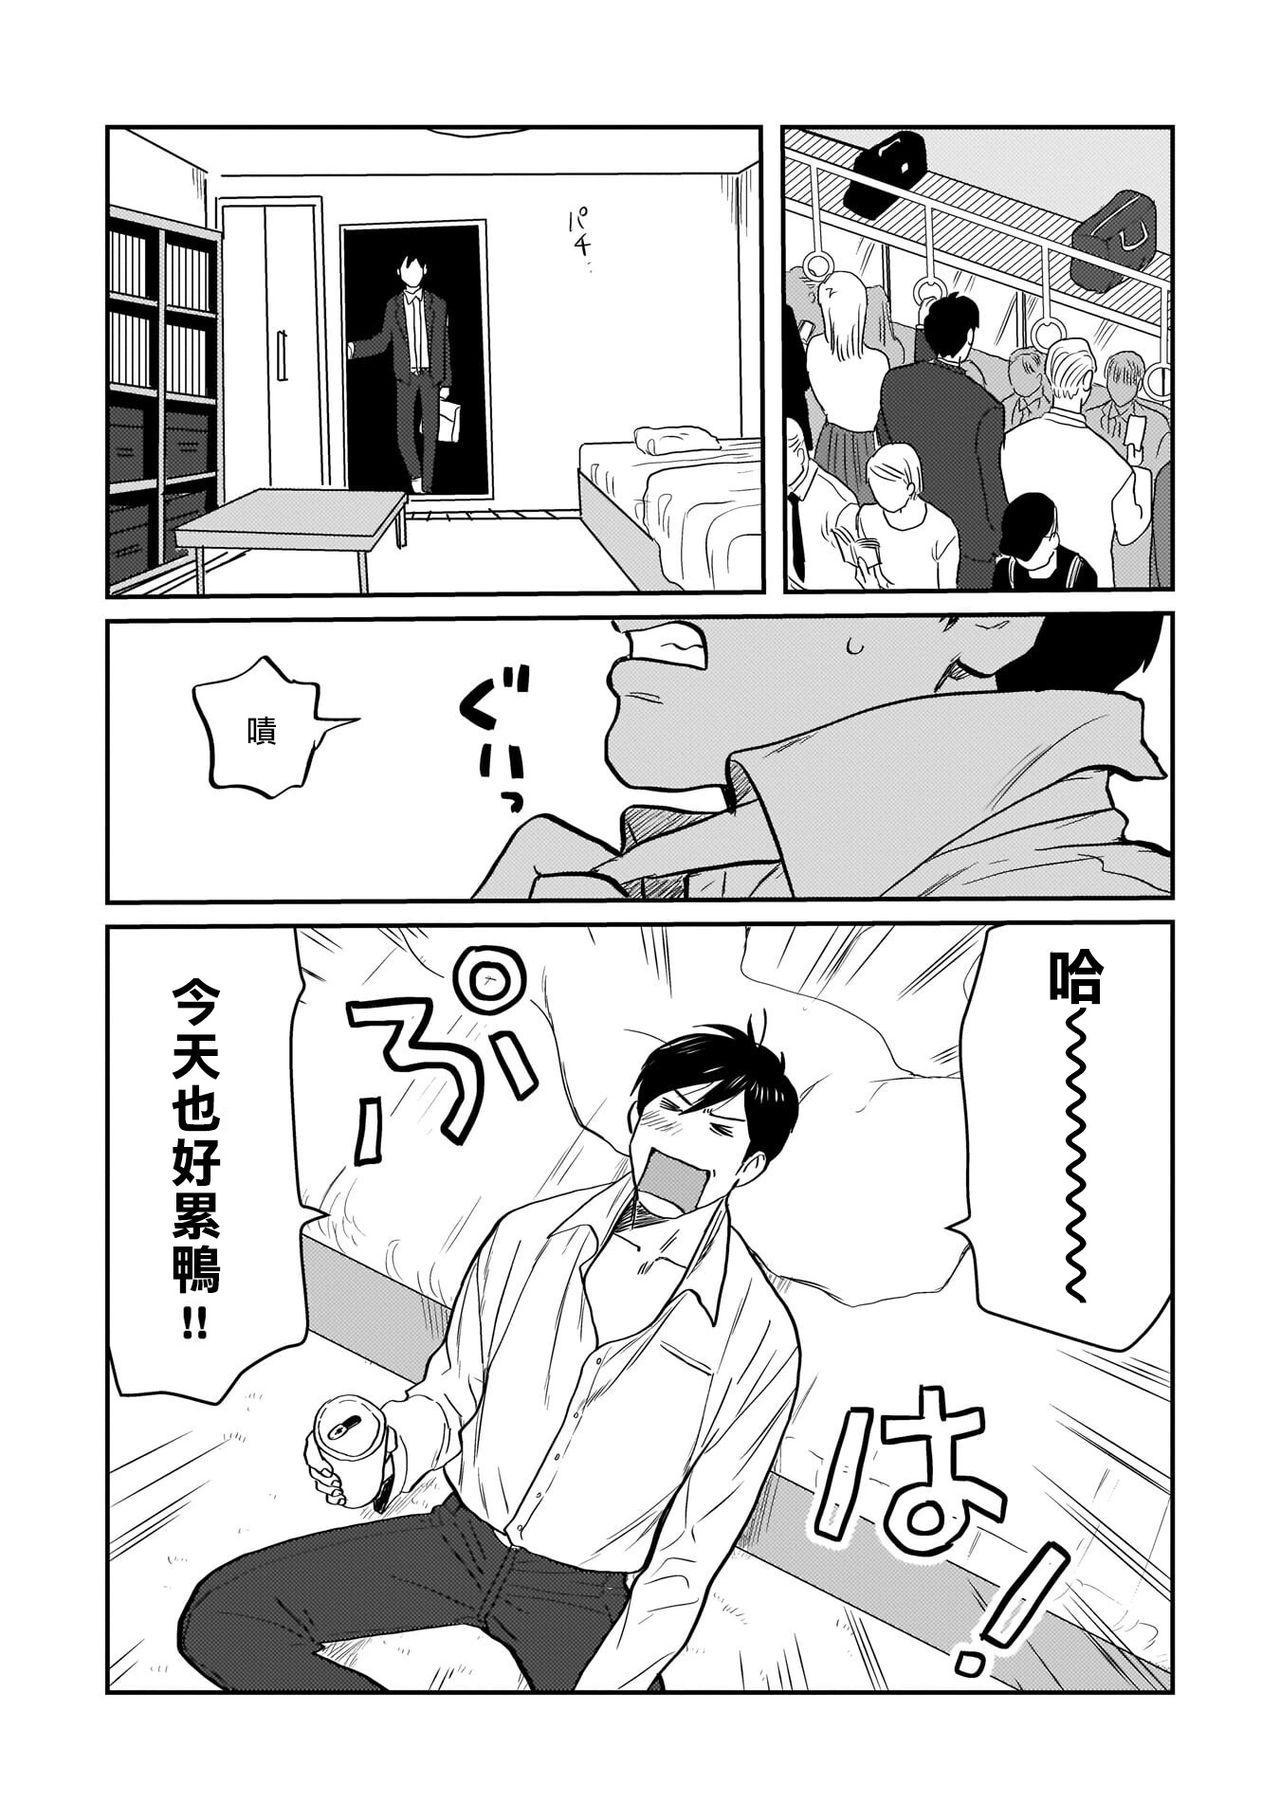 Kouhai no Oppai ga Suki Sugiru | 我太喜欢后辈的奶子了 Ch. 1-2 6